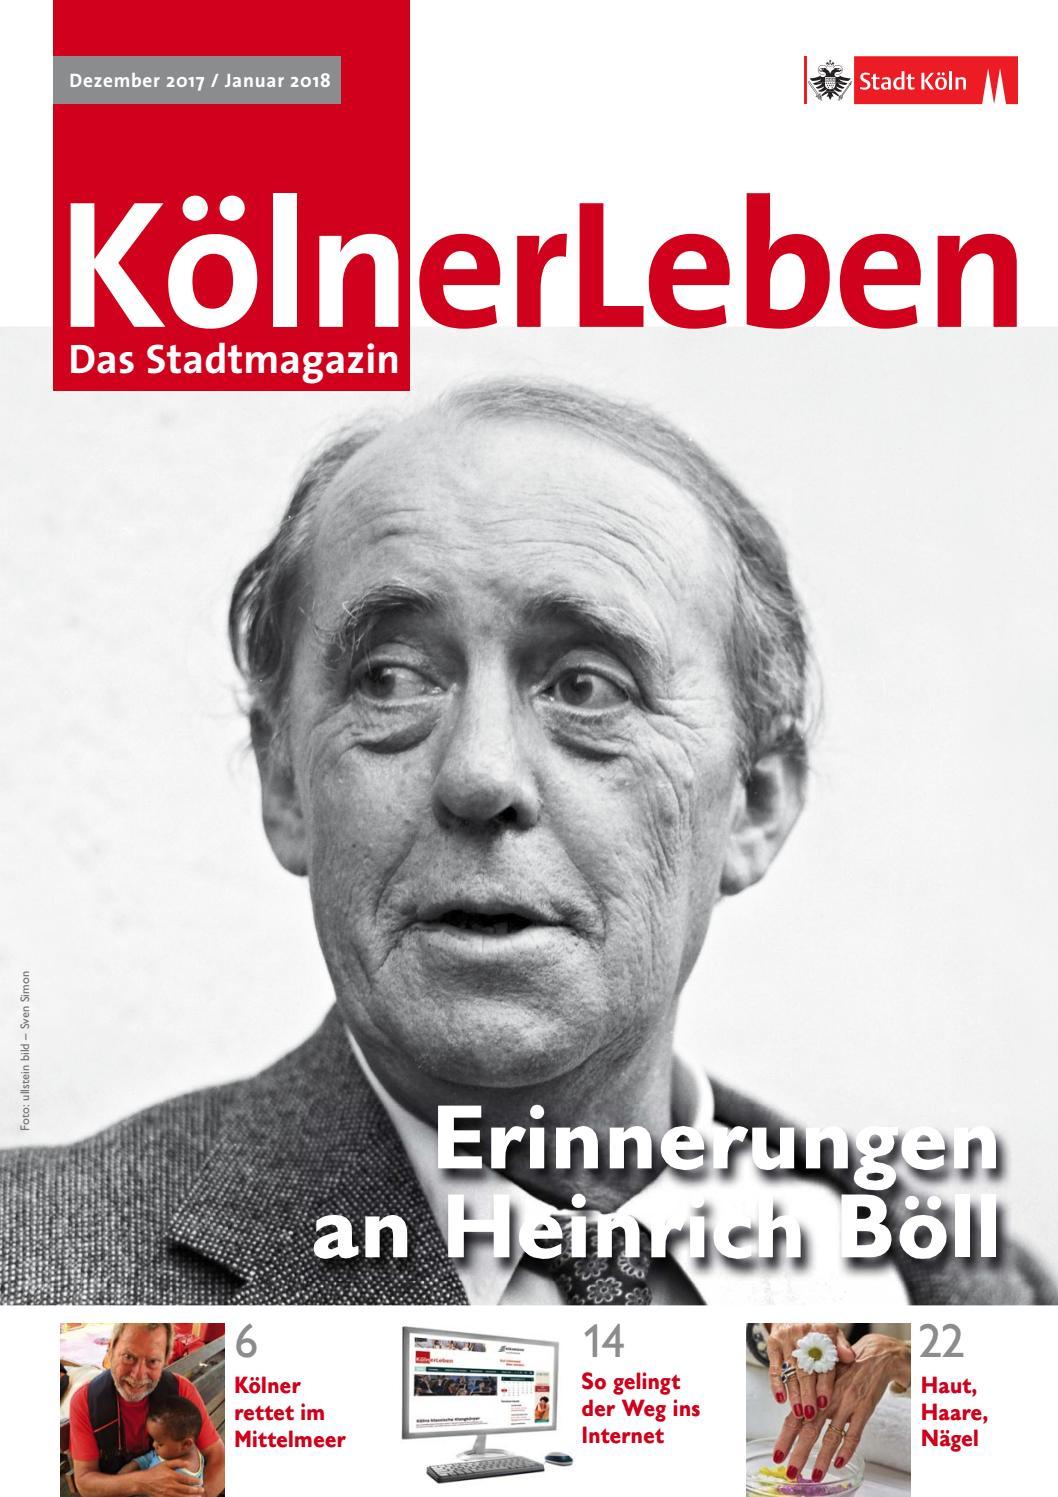 Känguru Oktober 2017 by Känguru Colonia Verlag issuu